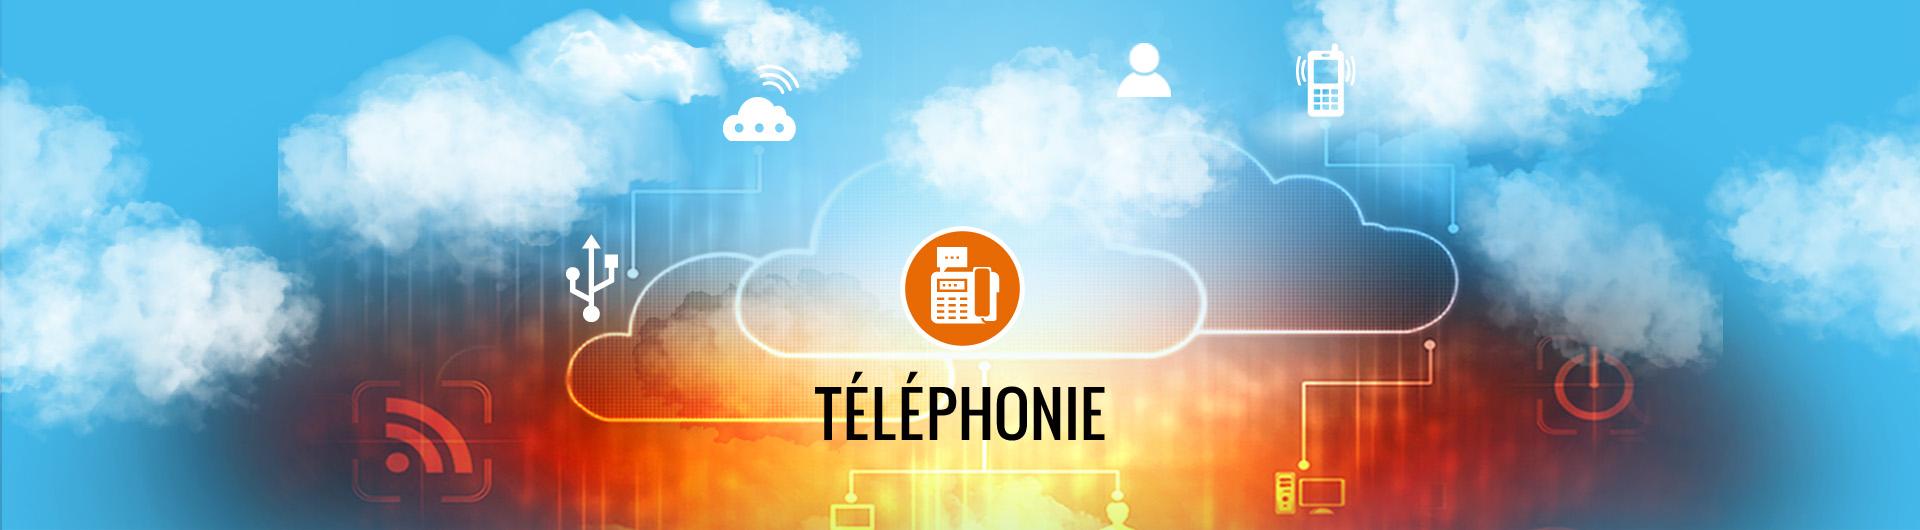 ACS'IT - Téléphonie d'entreprises